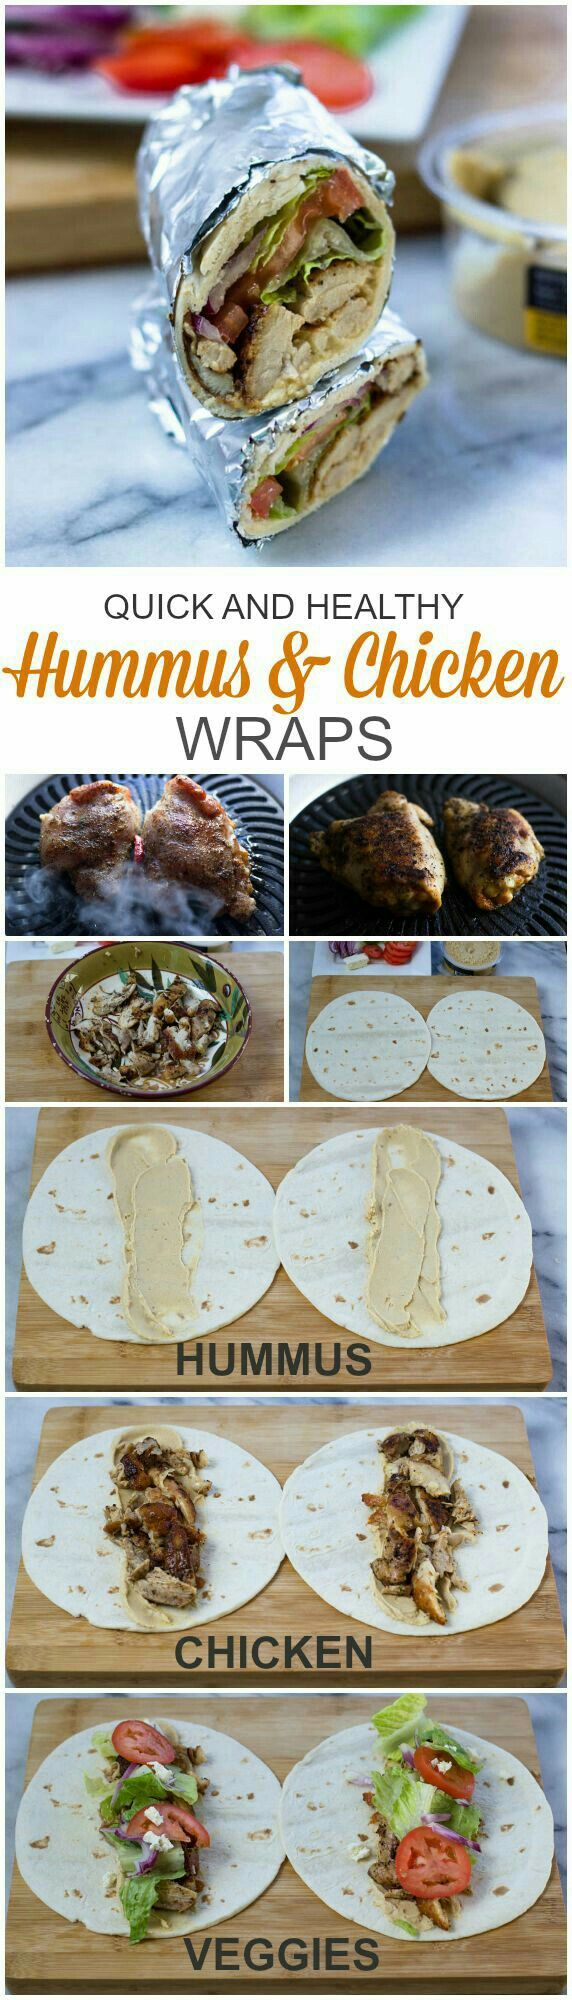 Hummus + Chicken Wraps.